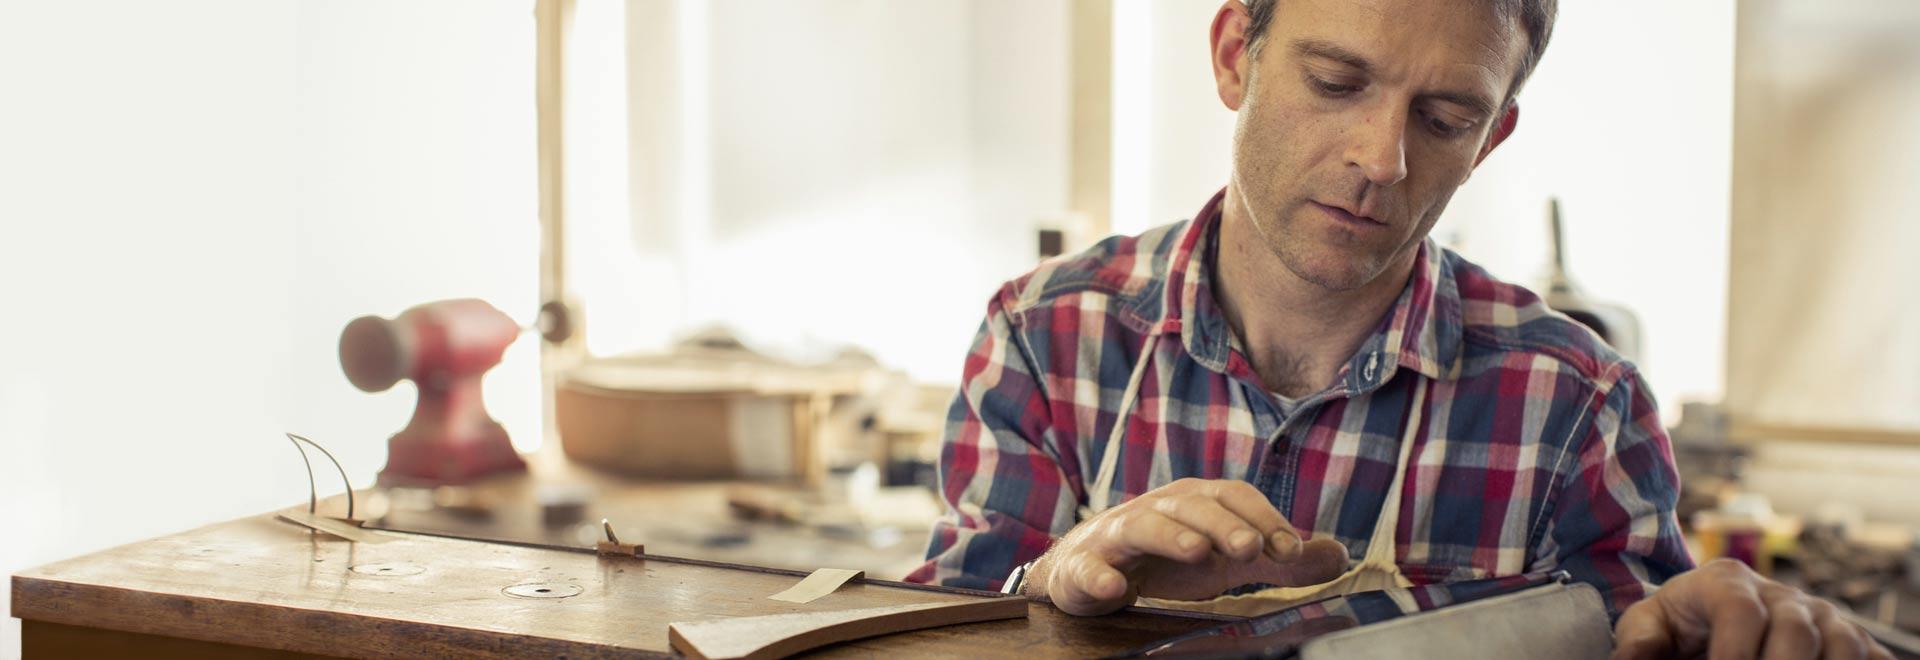 En mann på et verksted som bruker Office 365 på et nettbrett